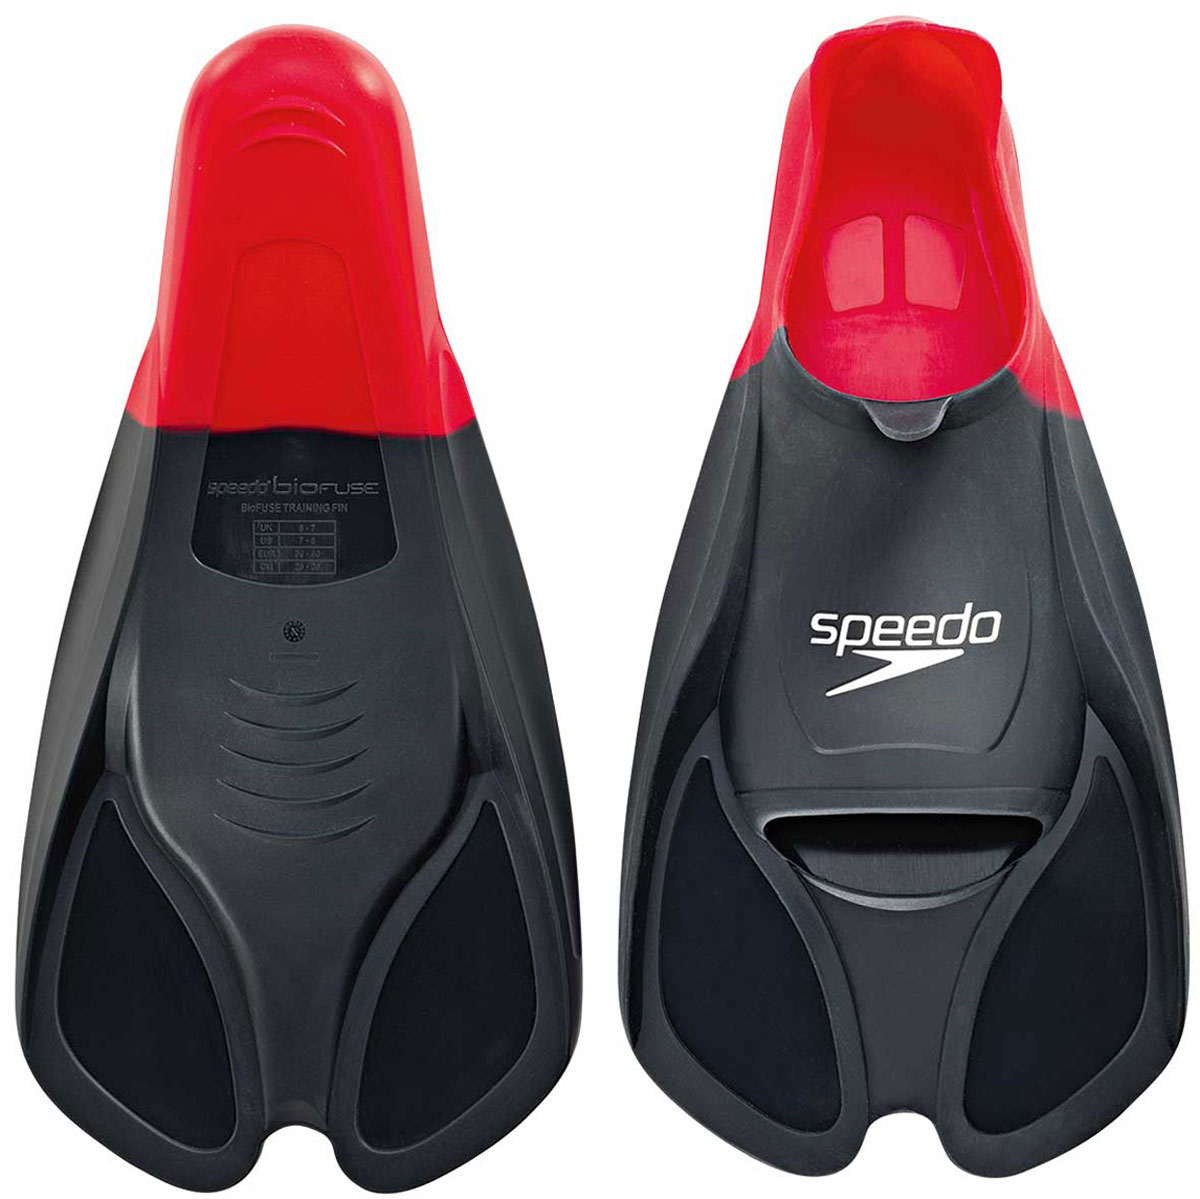 Ласты для плавания Speedo, цвет: красный. Размер 11-12. 8-0884139918-088413991_красный(11-12)Ласты Speedo Biofuse Training Fins являются незаменимым аксессуаром для тренировки силы ног, при создании которого использовалась технология SpeedoBiofuse®. Неслучайно эти ласты для плавания предпочитает использовать многократный олимпийский чемпион Майкл Фелпс. Достаточно жесткие лопасти позволяют создать мощную тягу в воде при естественном темпе работы ног. Специальный узор на поверхности подошвы позволяет получить надежное сцепление с поверхностью бассейна. Форма башмака Speedo Biofuse Training Fin способствует развитию гибкости стопы, что позволяет сделать работу ног более эффективной. Башмак изготовлен из мягкого силикона, который не натирает кожу и прекрасно растягивается. Ласты для плавания Speedo Biofuse Tech Fin отлично подходят для тренировки работы ног в спринте, а также для повышения качества работы ног во время обучения плаванию.Специалисты Proswim.ru рекомендуют Speedo Biofuse Training Fin спортсменам-спринтерам, а также всем, кто имеет желание увеличить силу ног. Ласты для плавания станут вашим лучшим помощником на пути совершенствования работы ног.Размер UK 11-12.Размер US 13-14.Размер EUR 47-48.